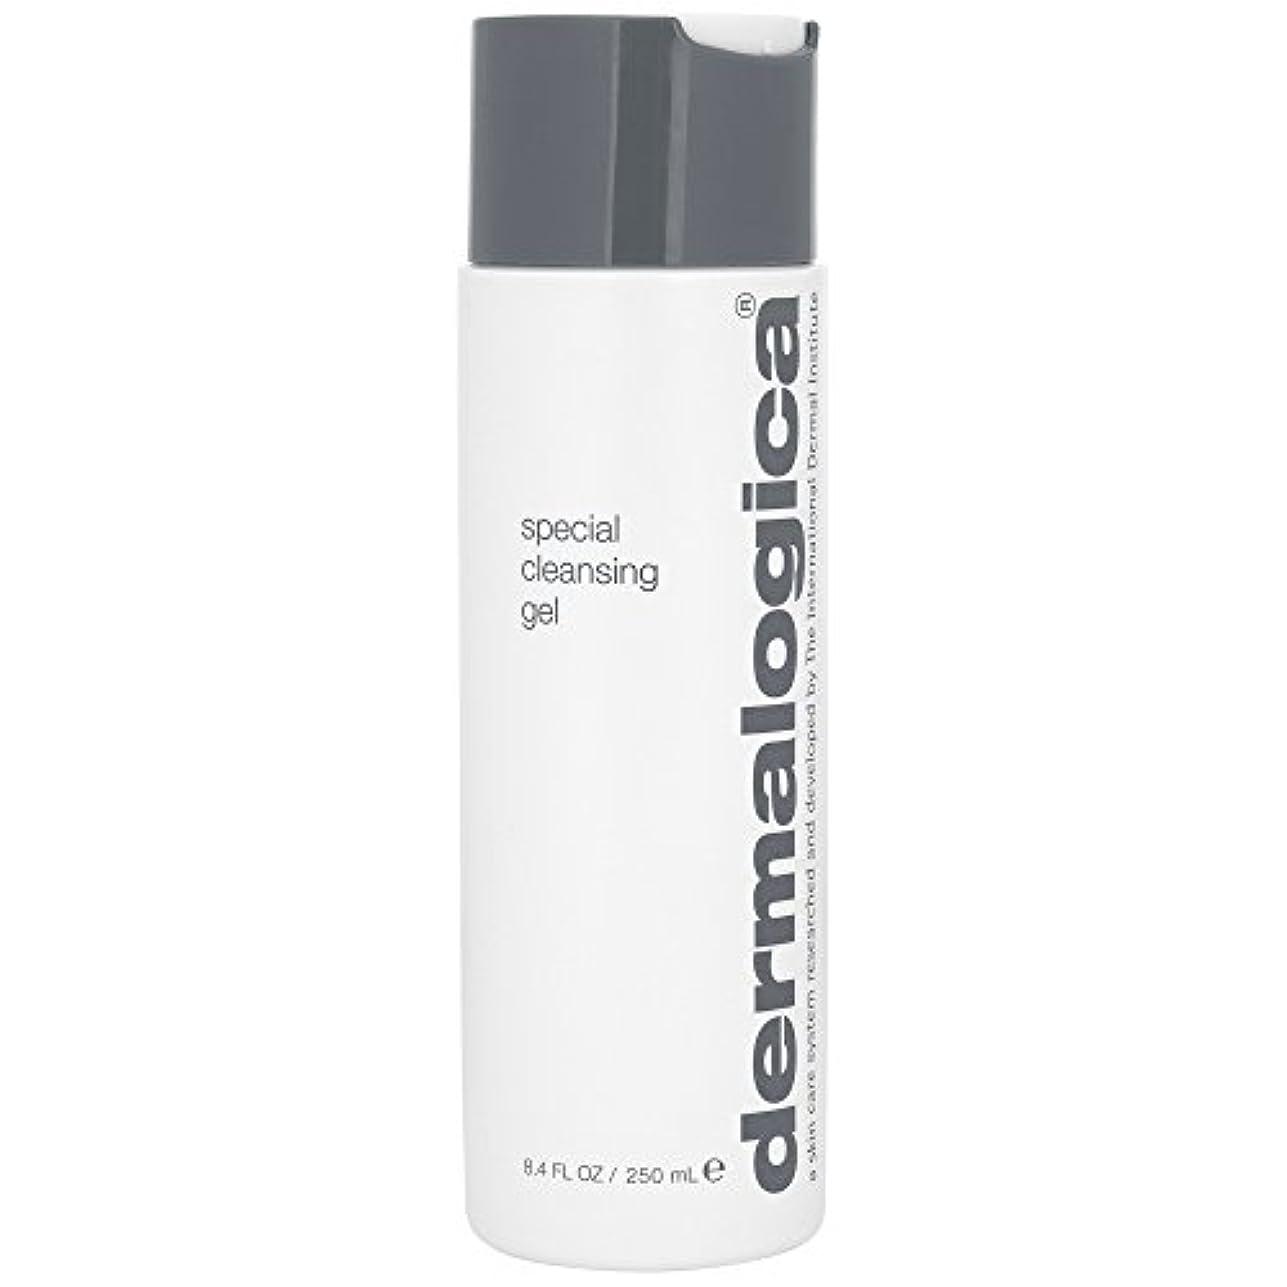 家禽スティック外向きダーマロジカ特別なクレンジングゲル250ミリリットル (Dermalogica) (x2) - Dermalogica Special Cleansing Gel 250ml (Pack of 2) [並行輸入品]